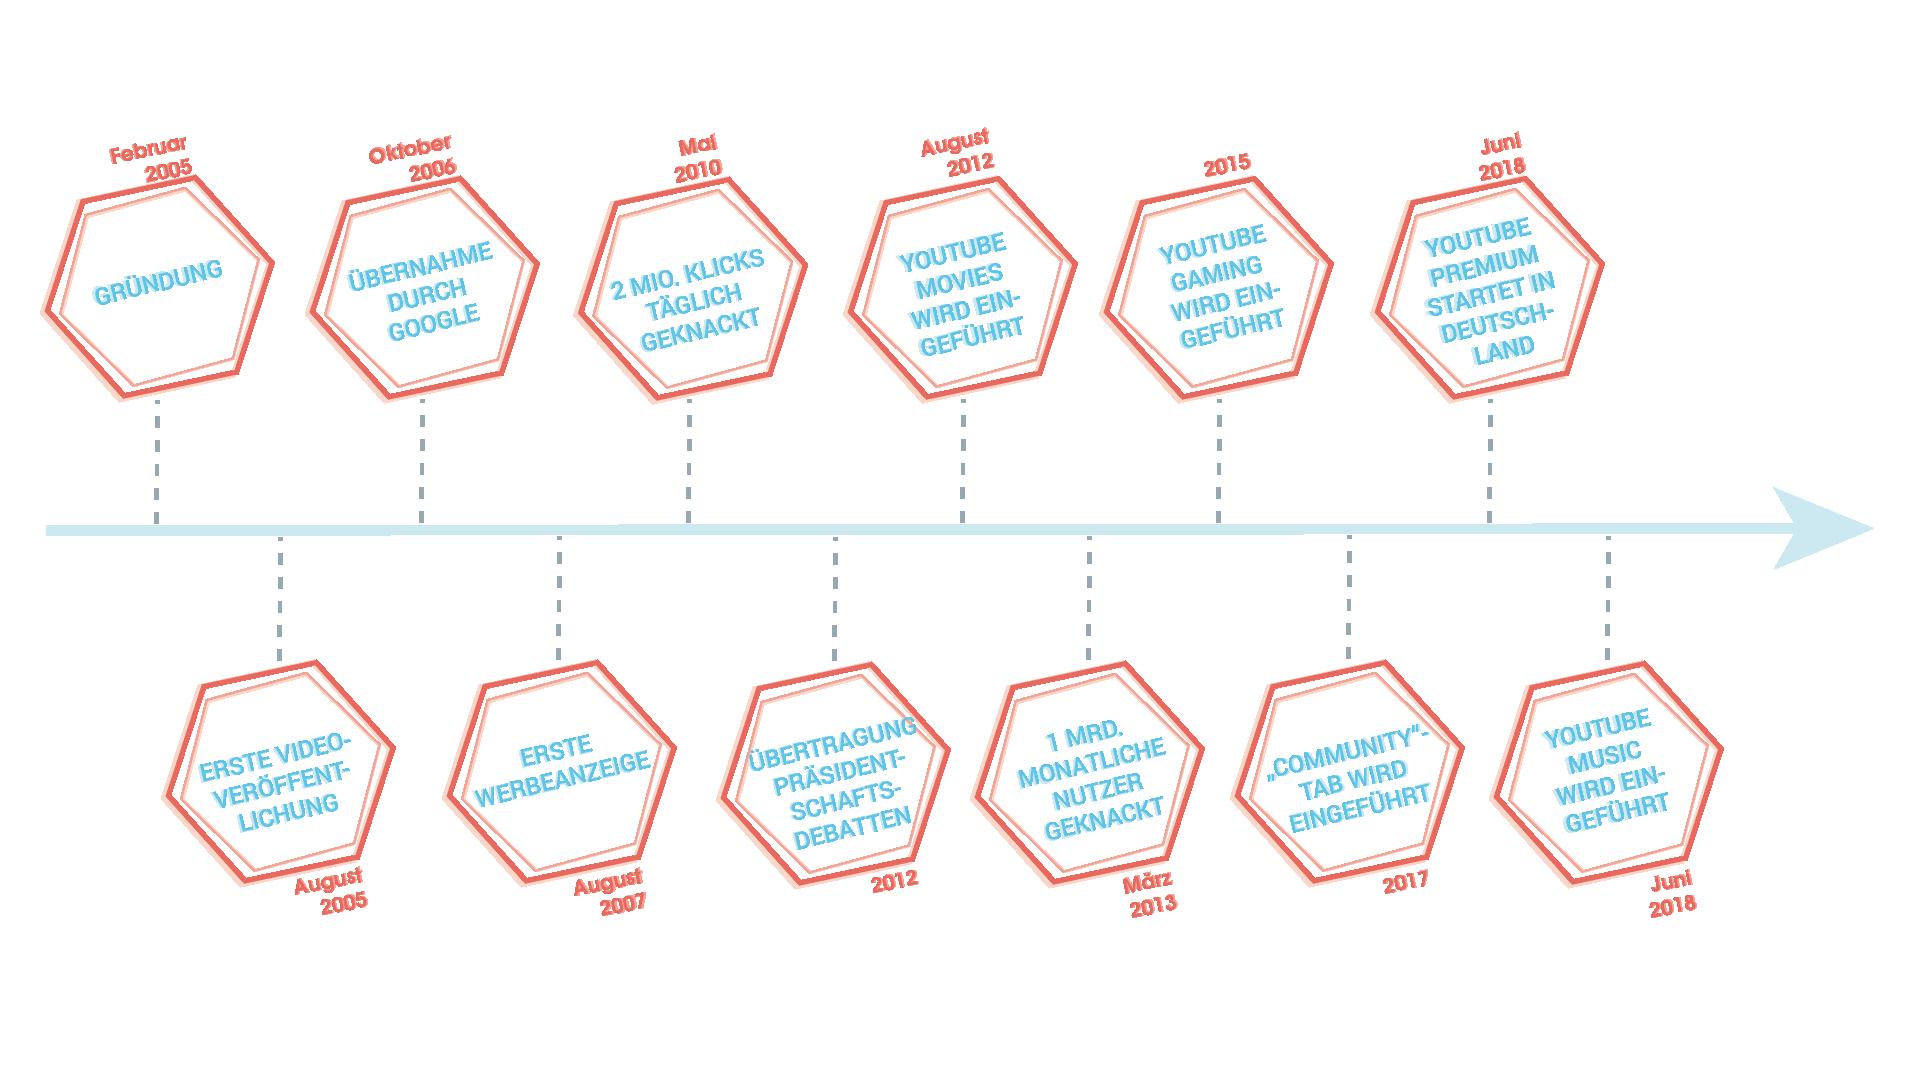 """Zu sehen sind die Meilensteine in der Geschichte von YouTube in Form eines Zeitstrahls. Das Ganze begann mit der Gründung von YouTube im Februar und der Veröffentlichung des ersten Videos im August 2005.Im Oktober des darauffolgenden Jahres wurde die Plattform direkt von Google übernommen und nochmals ein Jahr später, im August 2007, wurde die erste Werbeanzeige geschalten. Fünf Jahre nach Gründung –im Mai 2010 –wurde erstmals die 2 Millionen-Klick-Marke pro Tag geknackt. In den darauffolgenden Jahren geschah Folgendes: - 2012: Die US-Präsidentschaftsdebatten werden übertragen - August 2012: YouTube Movies wird eingeführt - März 2012: Die eine Milliarde Nutzer-Marke pro Monat wurde geknackt - 2015: YouTube Gaming wird eingeführt - 2017: Der """"Community""""-Tab wird eingeführt - Juni 2018: YouTube Premium startet in Deutschland und YouTube Music wird eingeführt"""